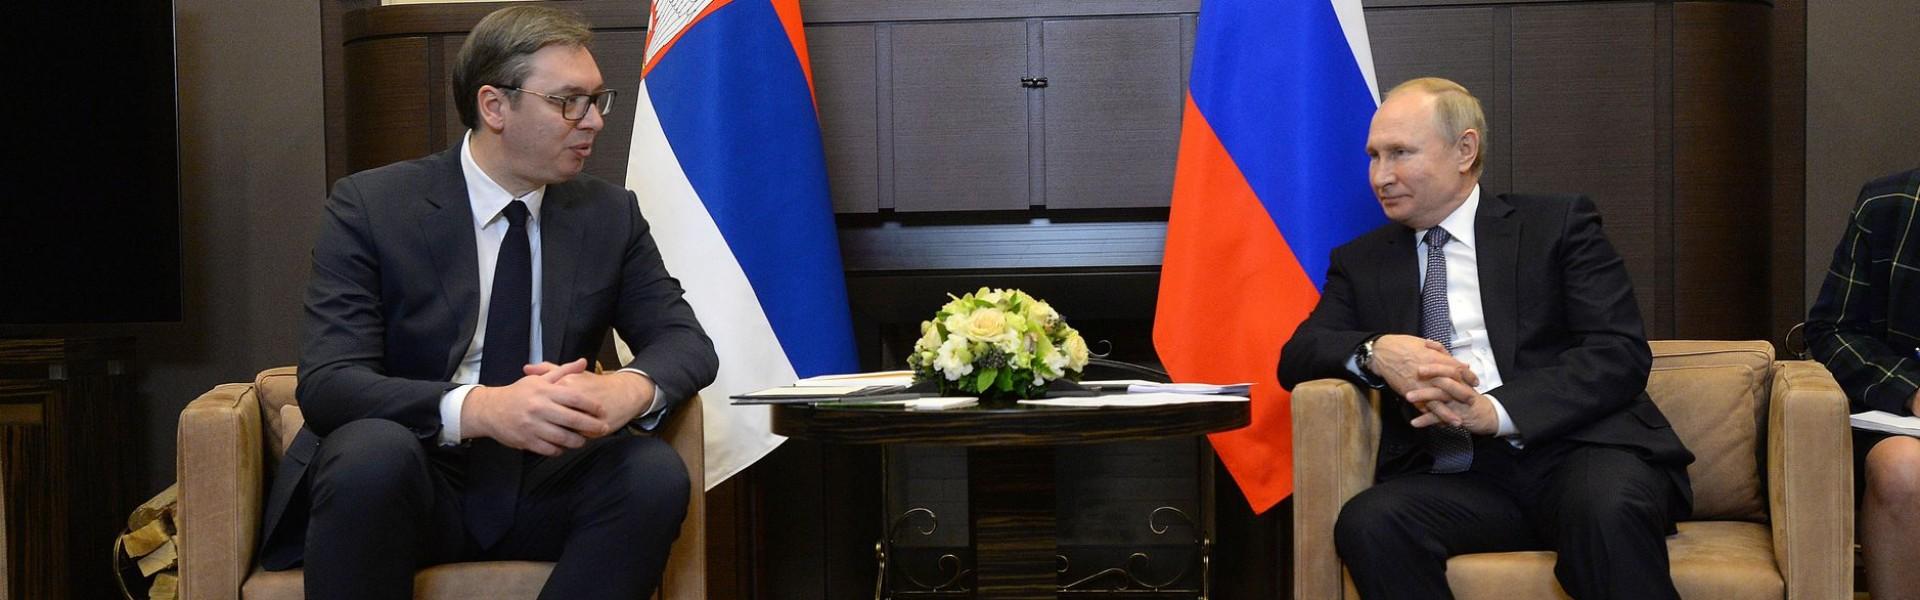 Сусрет председника Вучића и Путина у Сочију